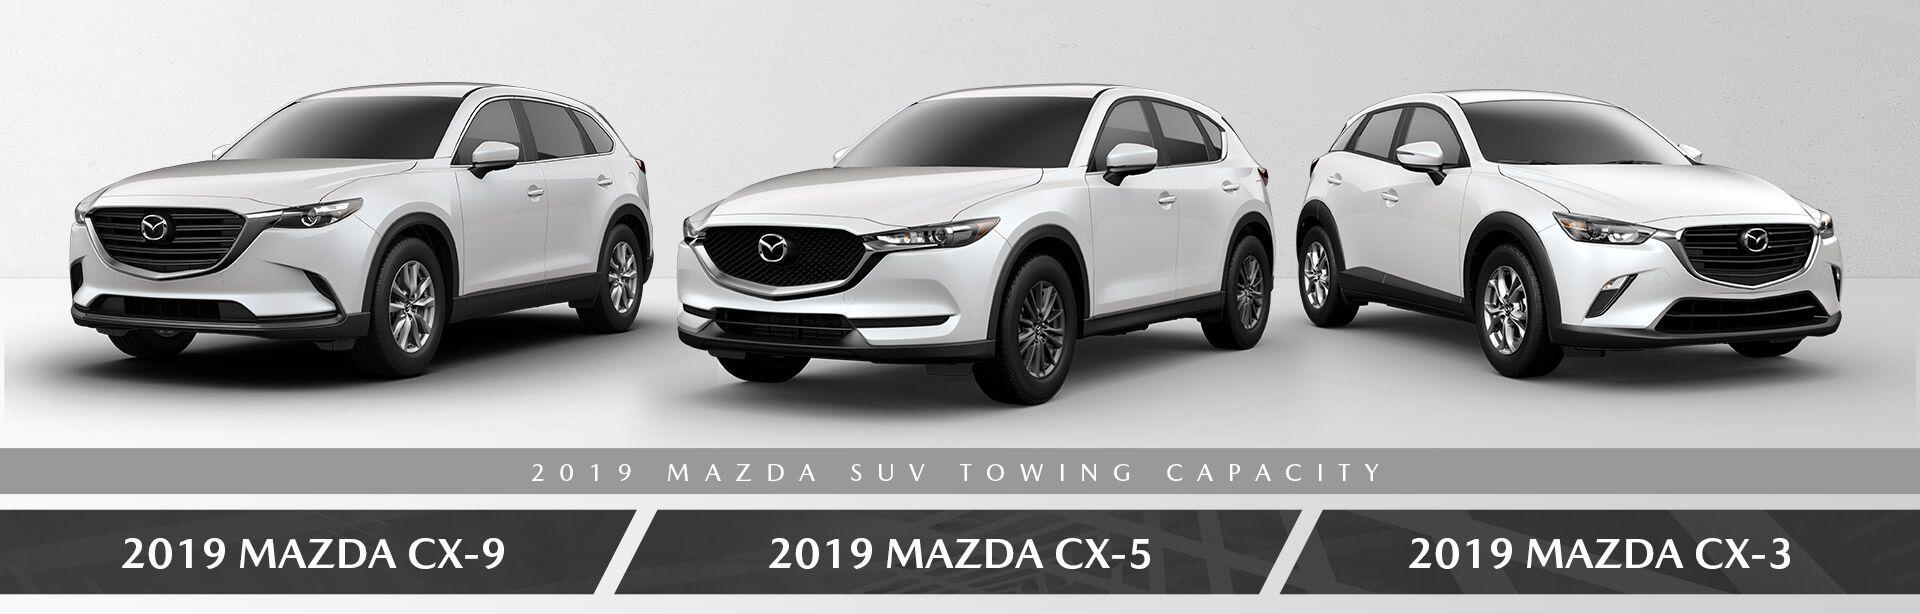 The 2019 Mazda CX-3, 2019 Mazda CX-5, and 2019 Mazda CX-9 at Bert Ogden Mazda in Edinburg, TX